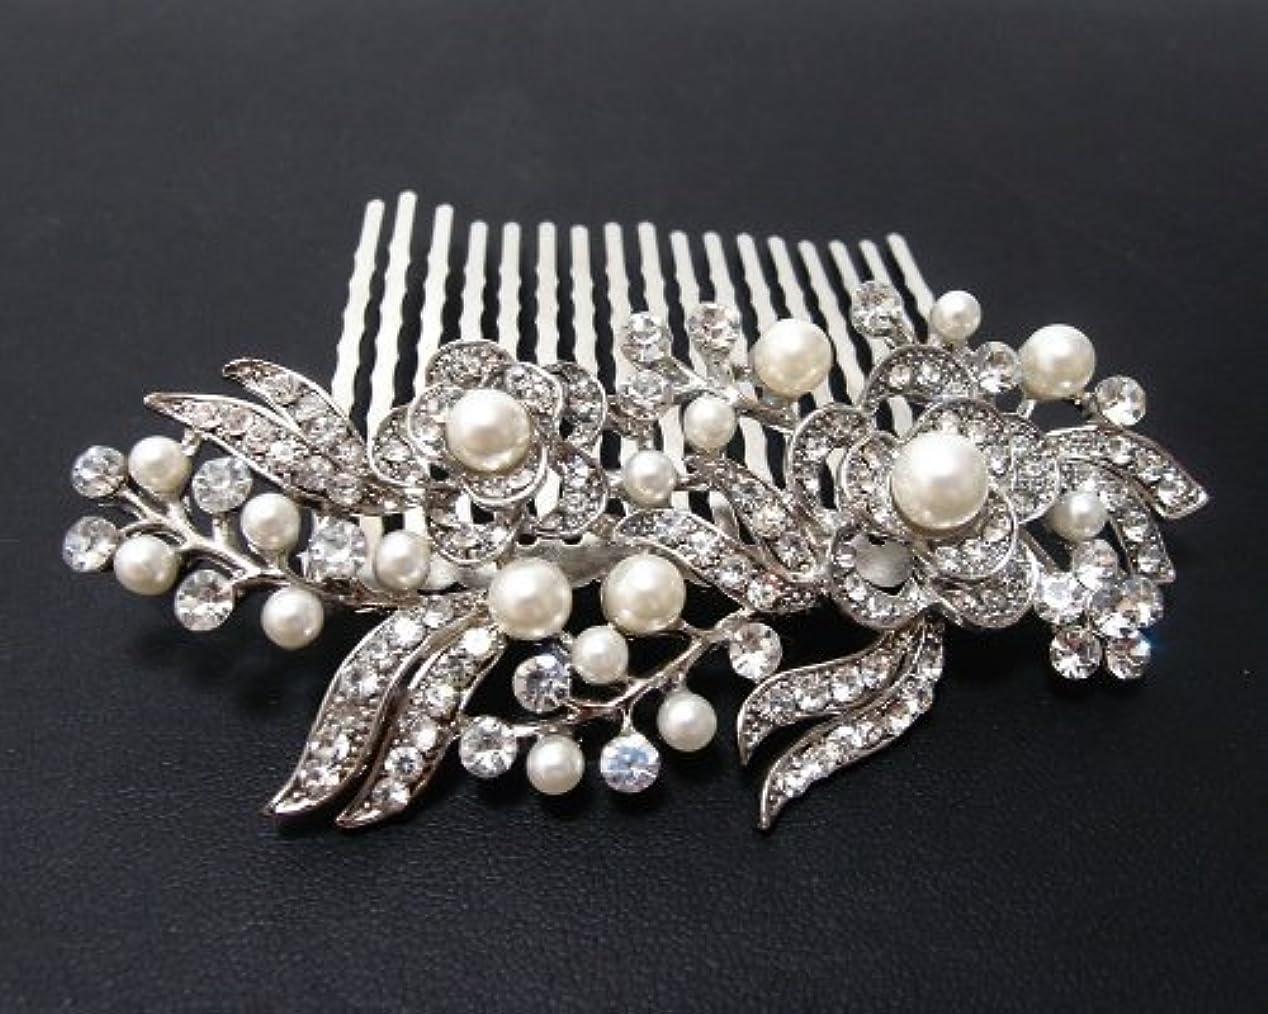 建設センチメンタルつまらないbeautiful elegant wedding bridal hair comb pearl and crystal #222 by beautyxyz [並行輸入品]